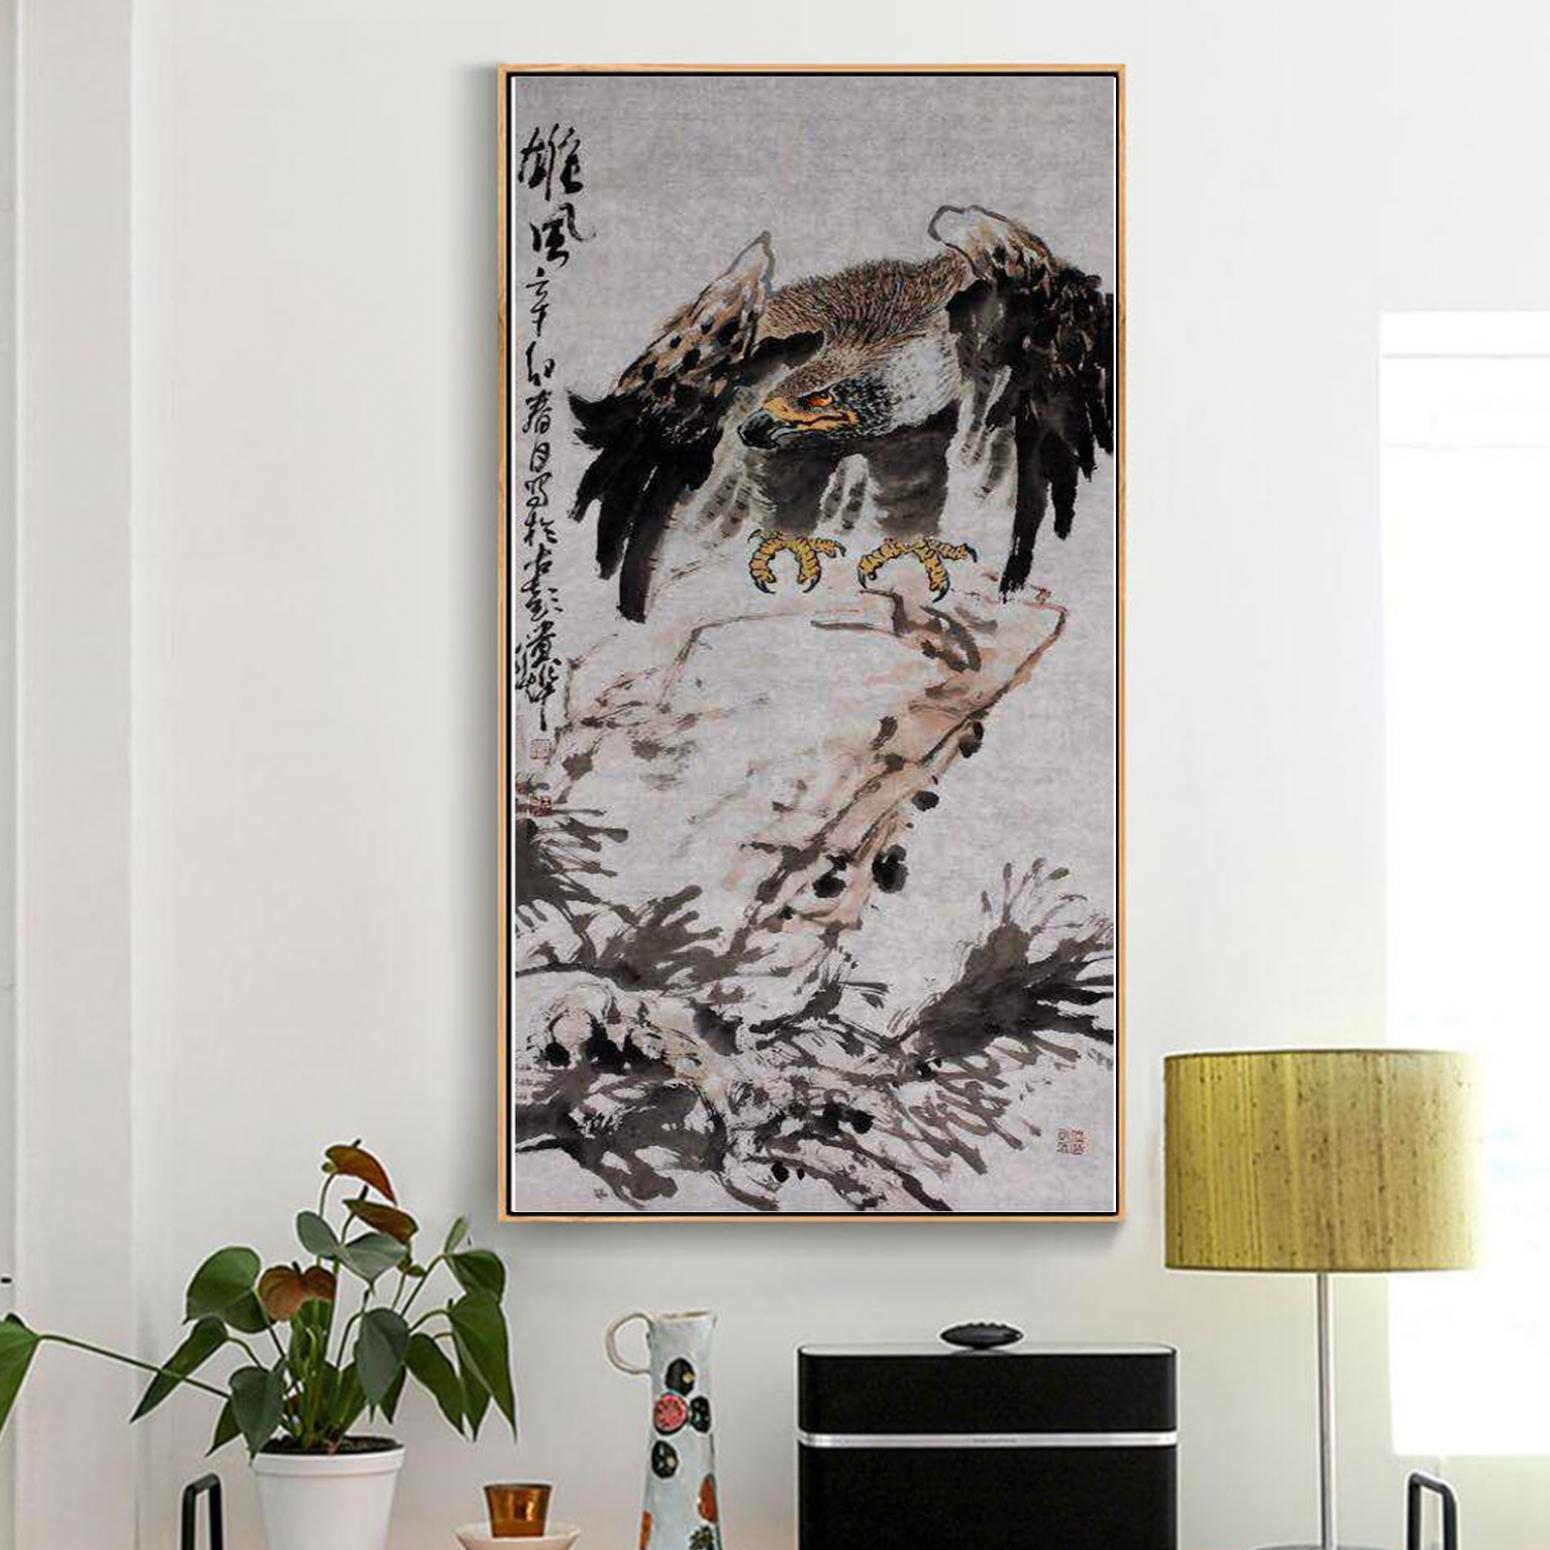 王贵烨国画作品《【雄风】作者王贵烨》【图3】